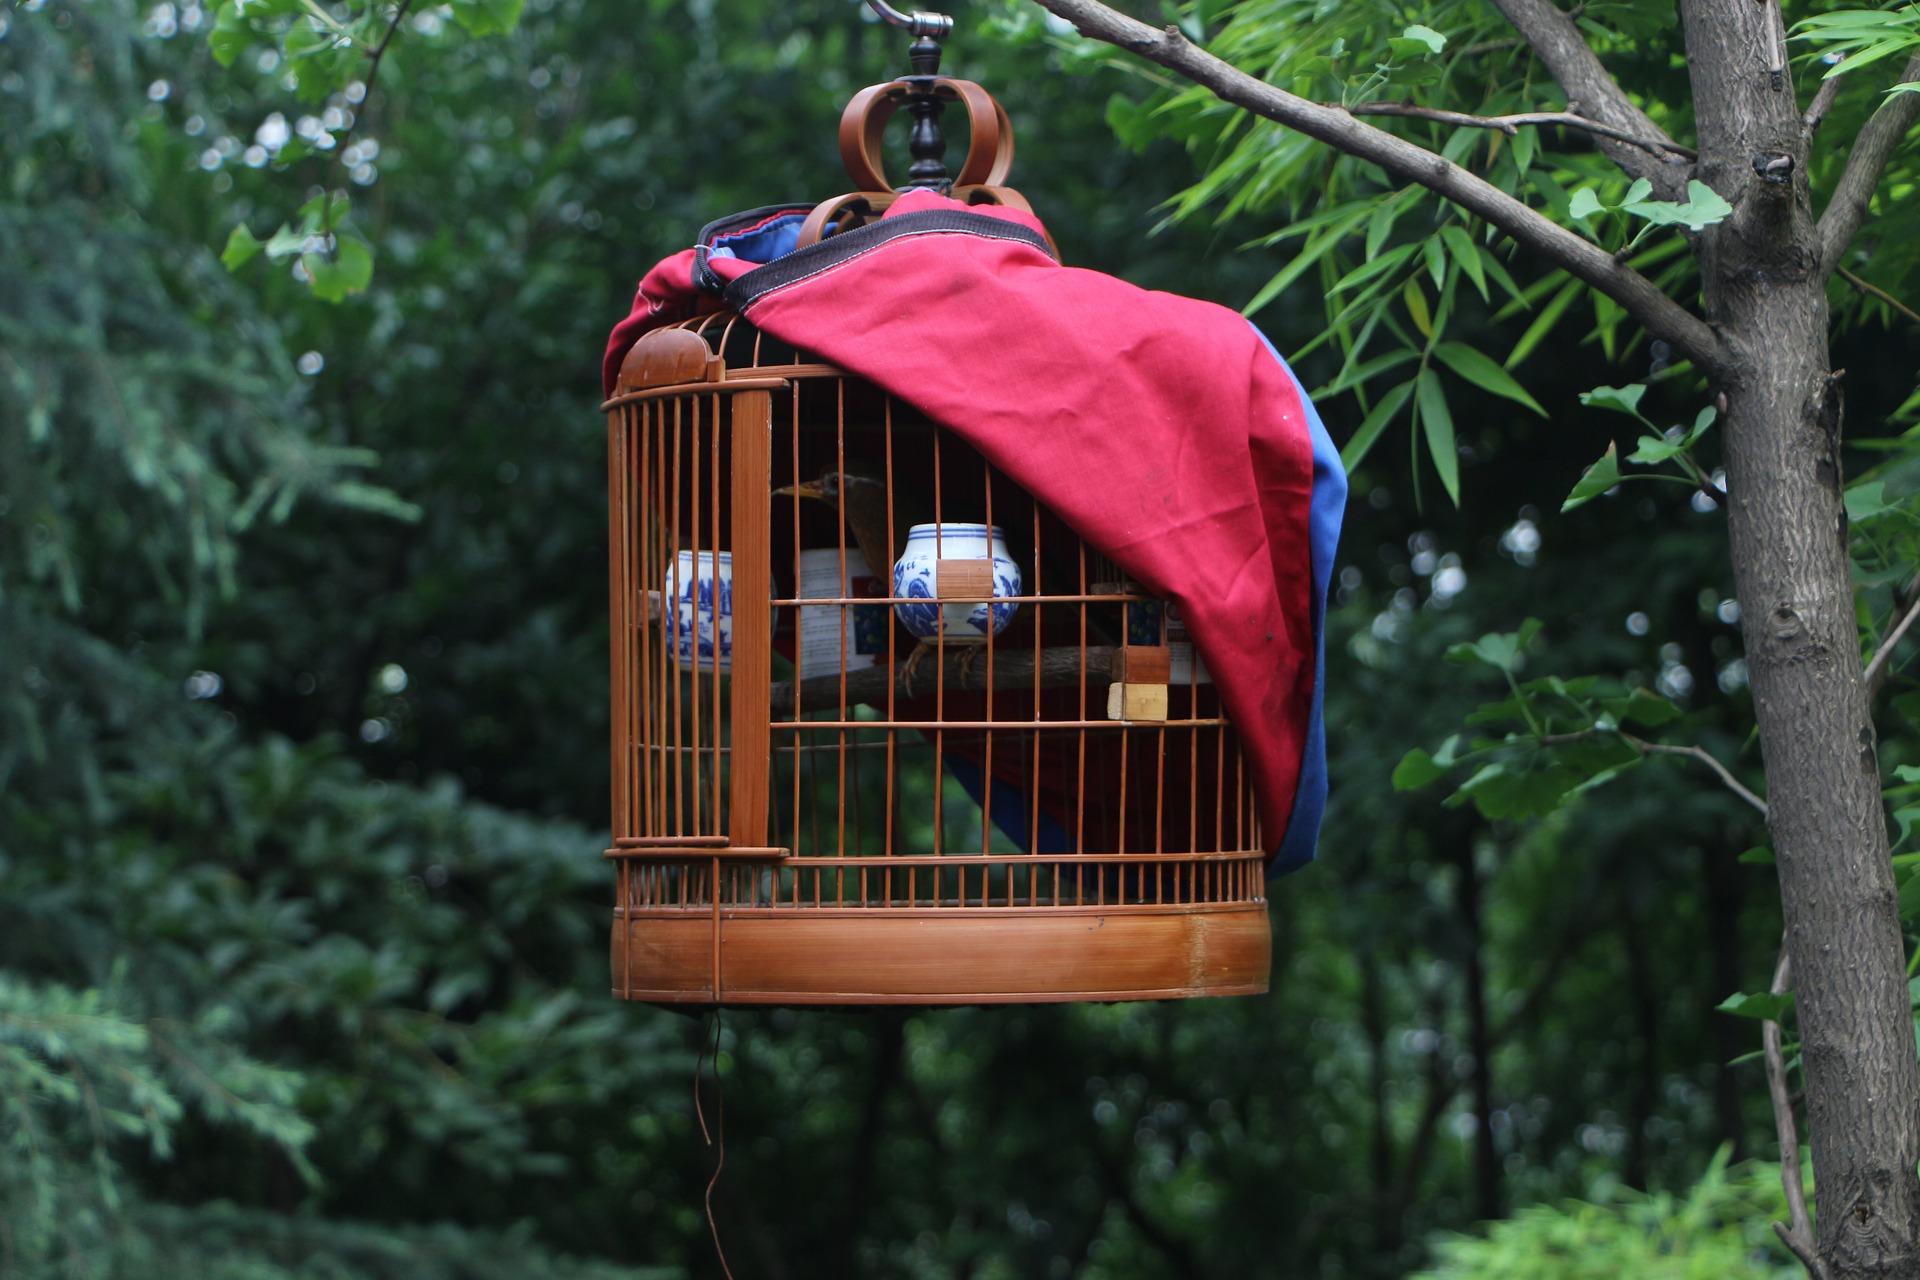 birdcage-2245074_1920.jpg